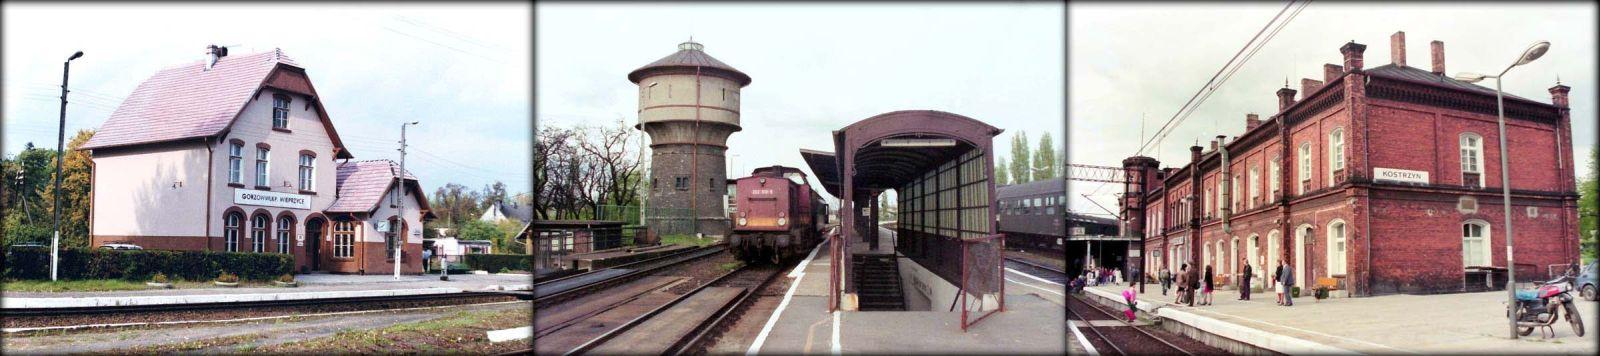 Gorzów Wlkp. Wieprzyce w dniu 05.10.1990. Kostrzyn/O w dniu 03.05.1992 roku. Po środku pociąg służbowy do Kietz z lokomotywą 202 519-5.